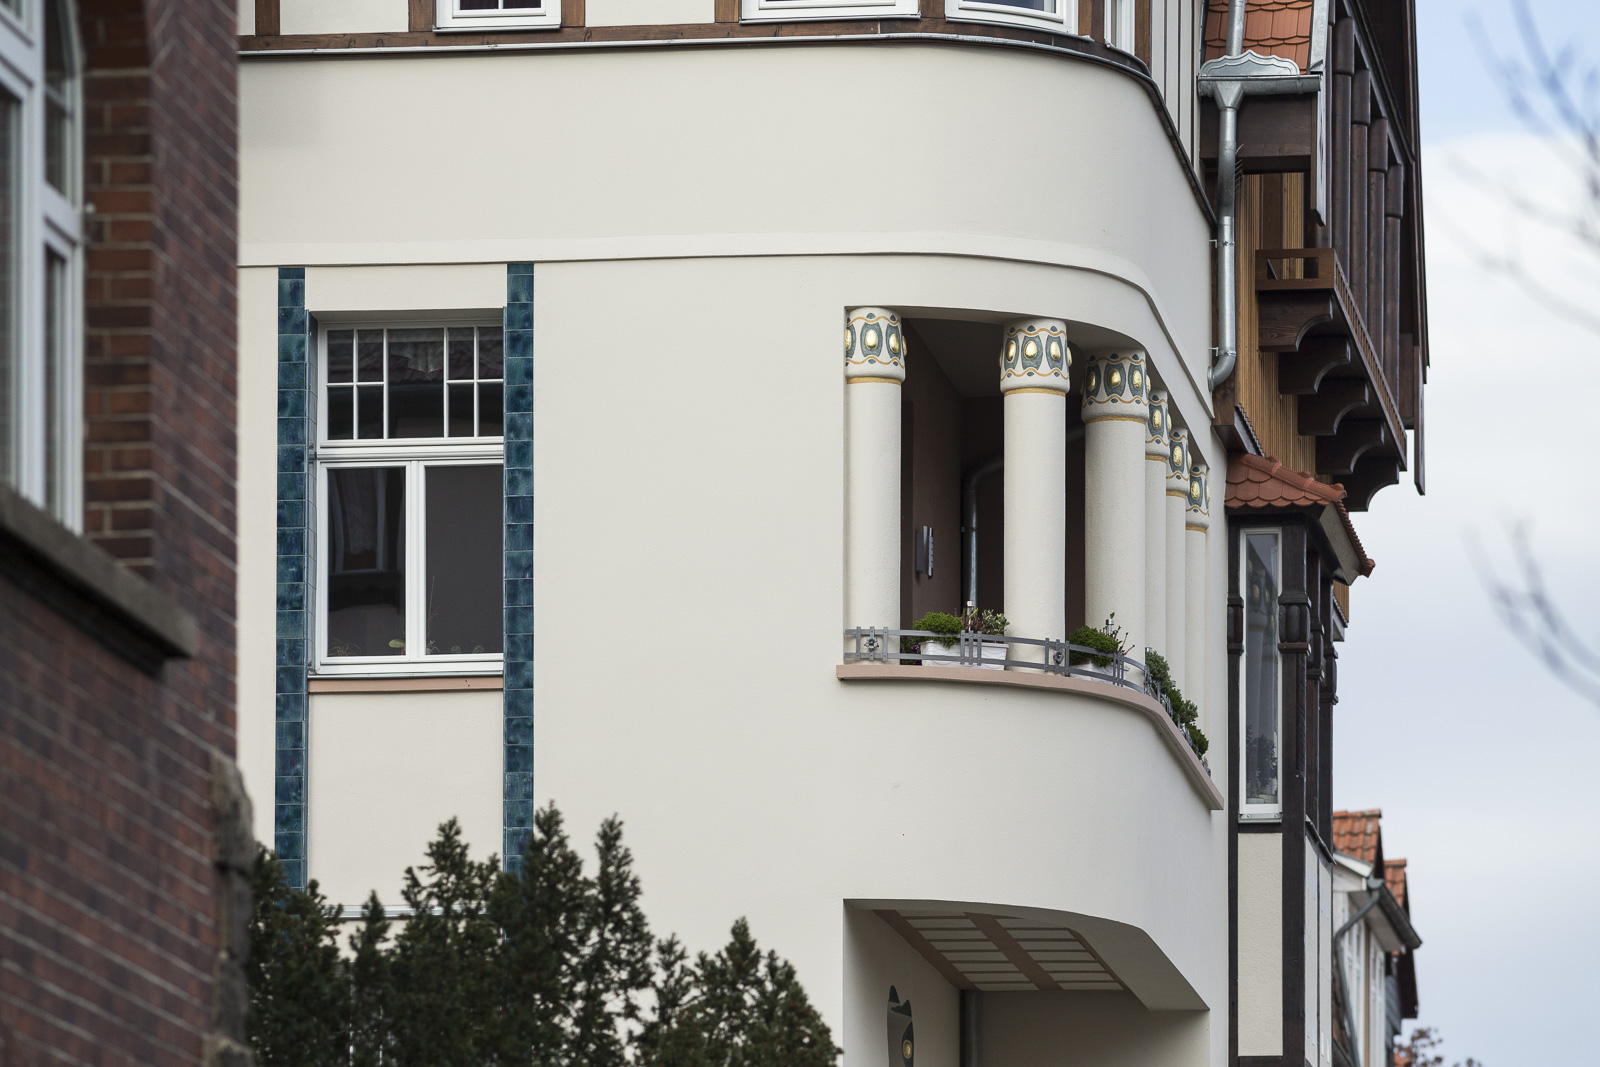 SAKRET Referenz Fassadensanierung Eisenach Säulen von der Seite